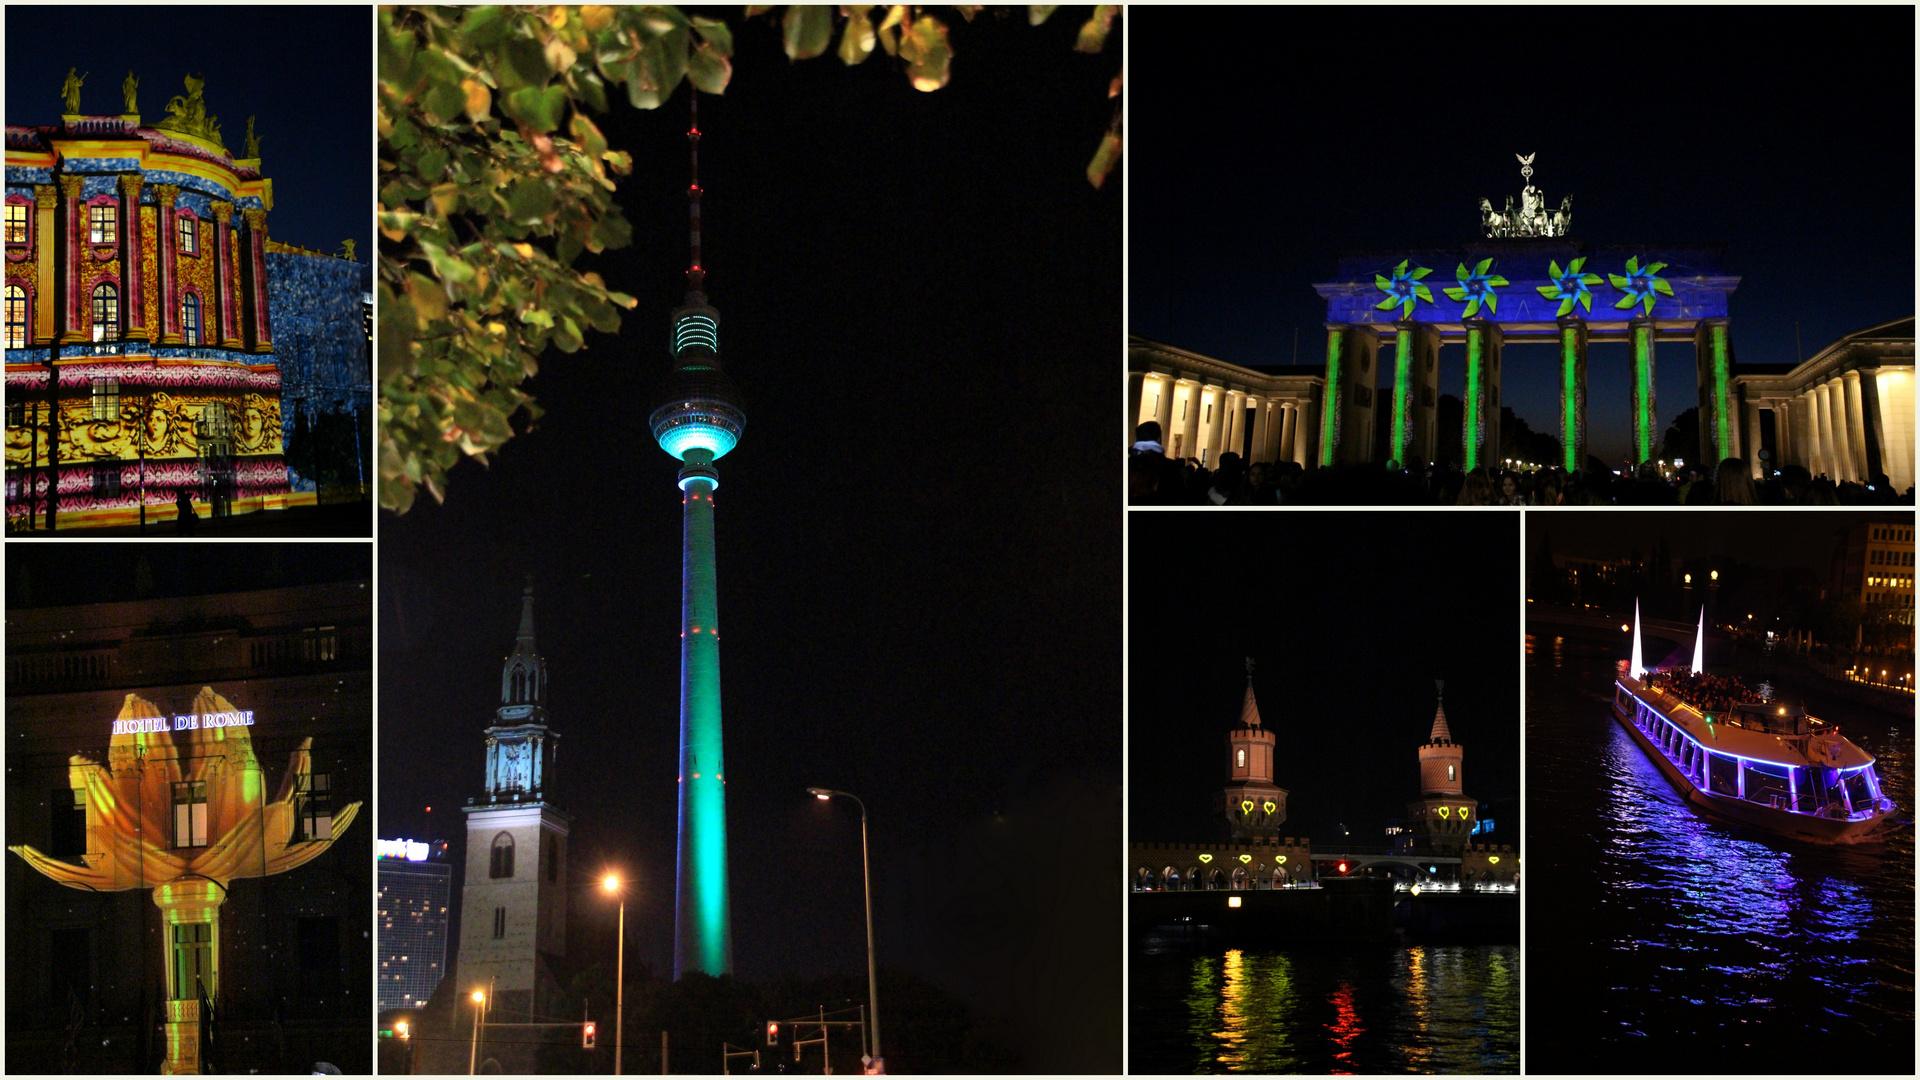 11. Festival of Lights 02